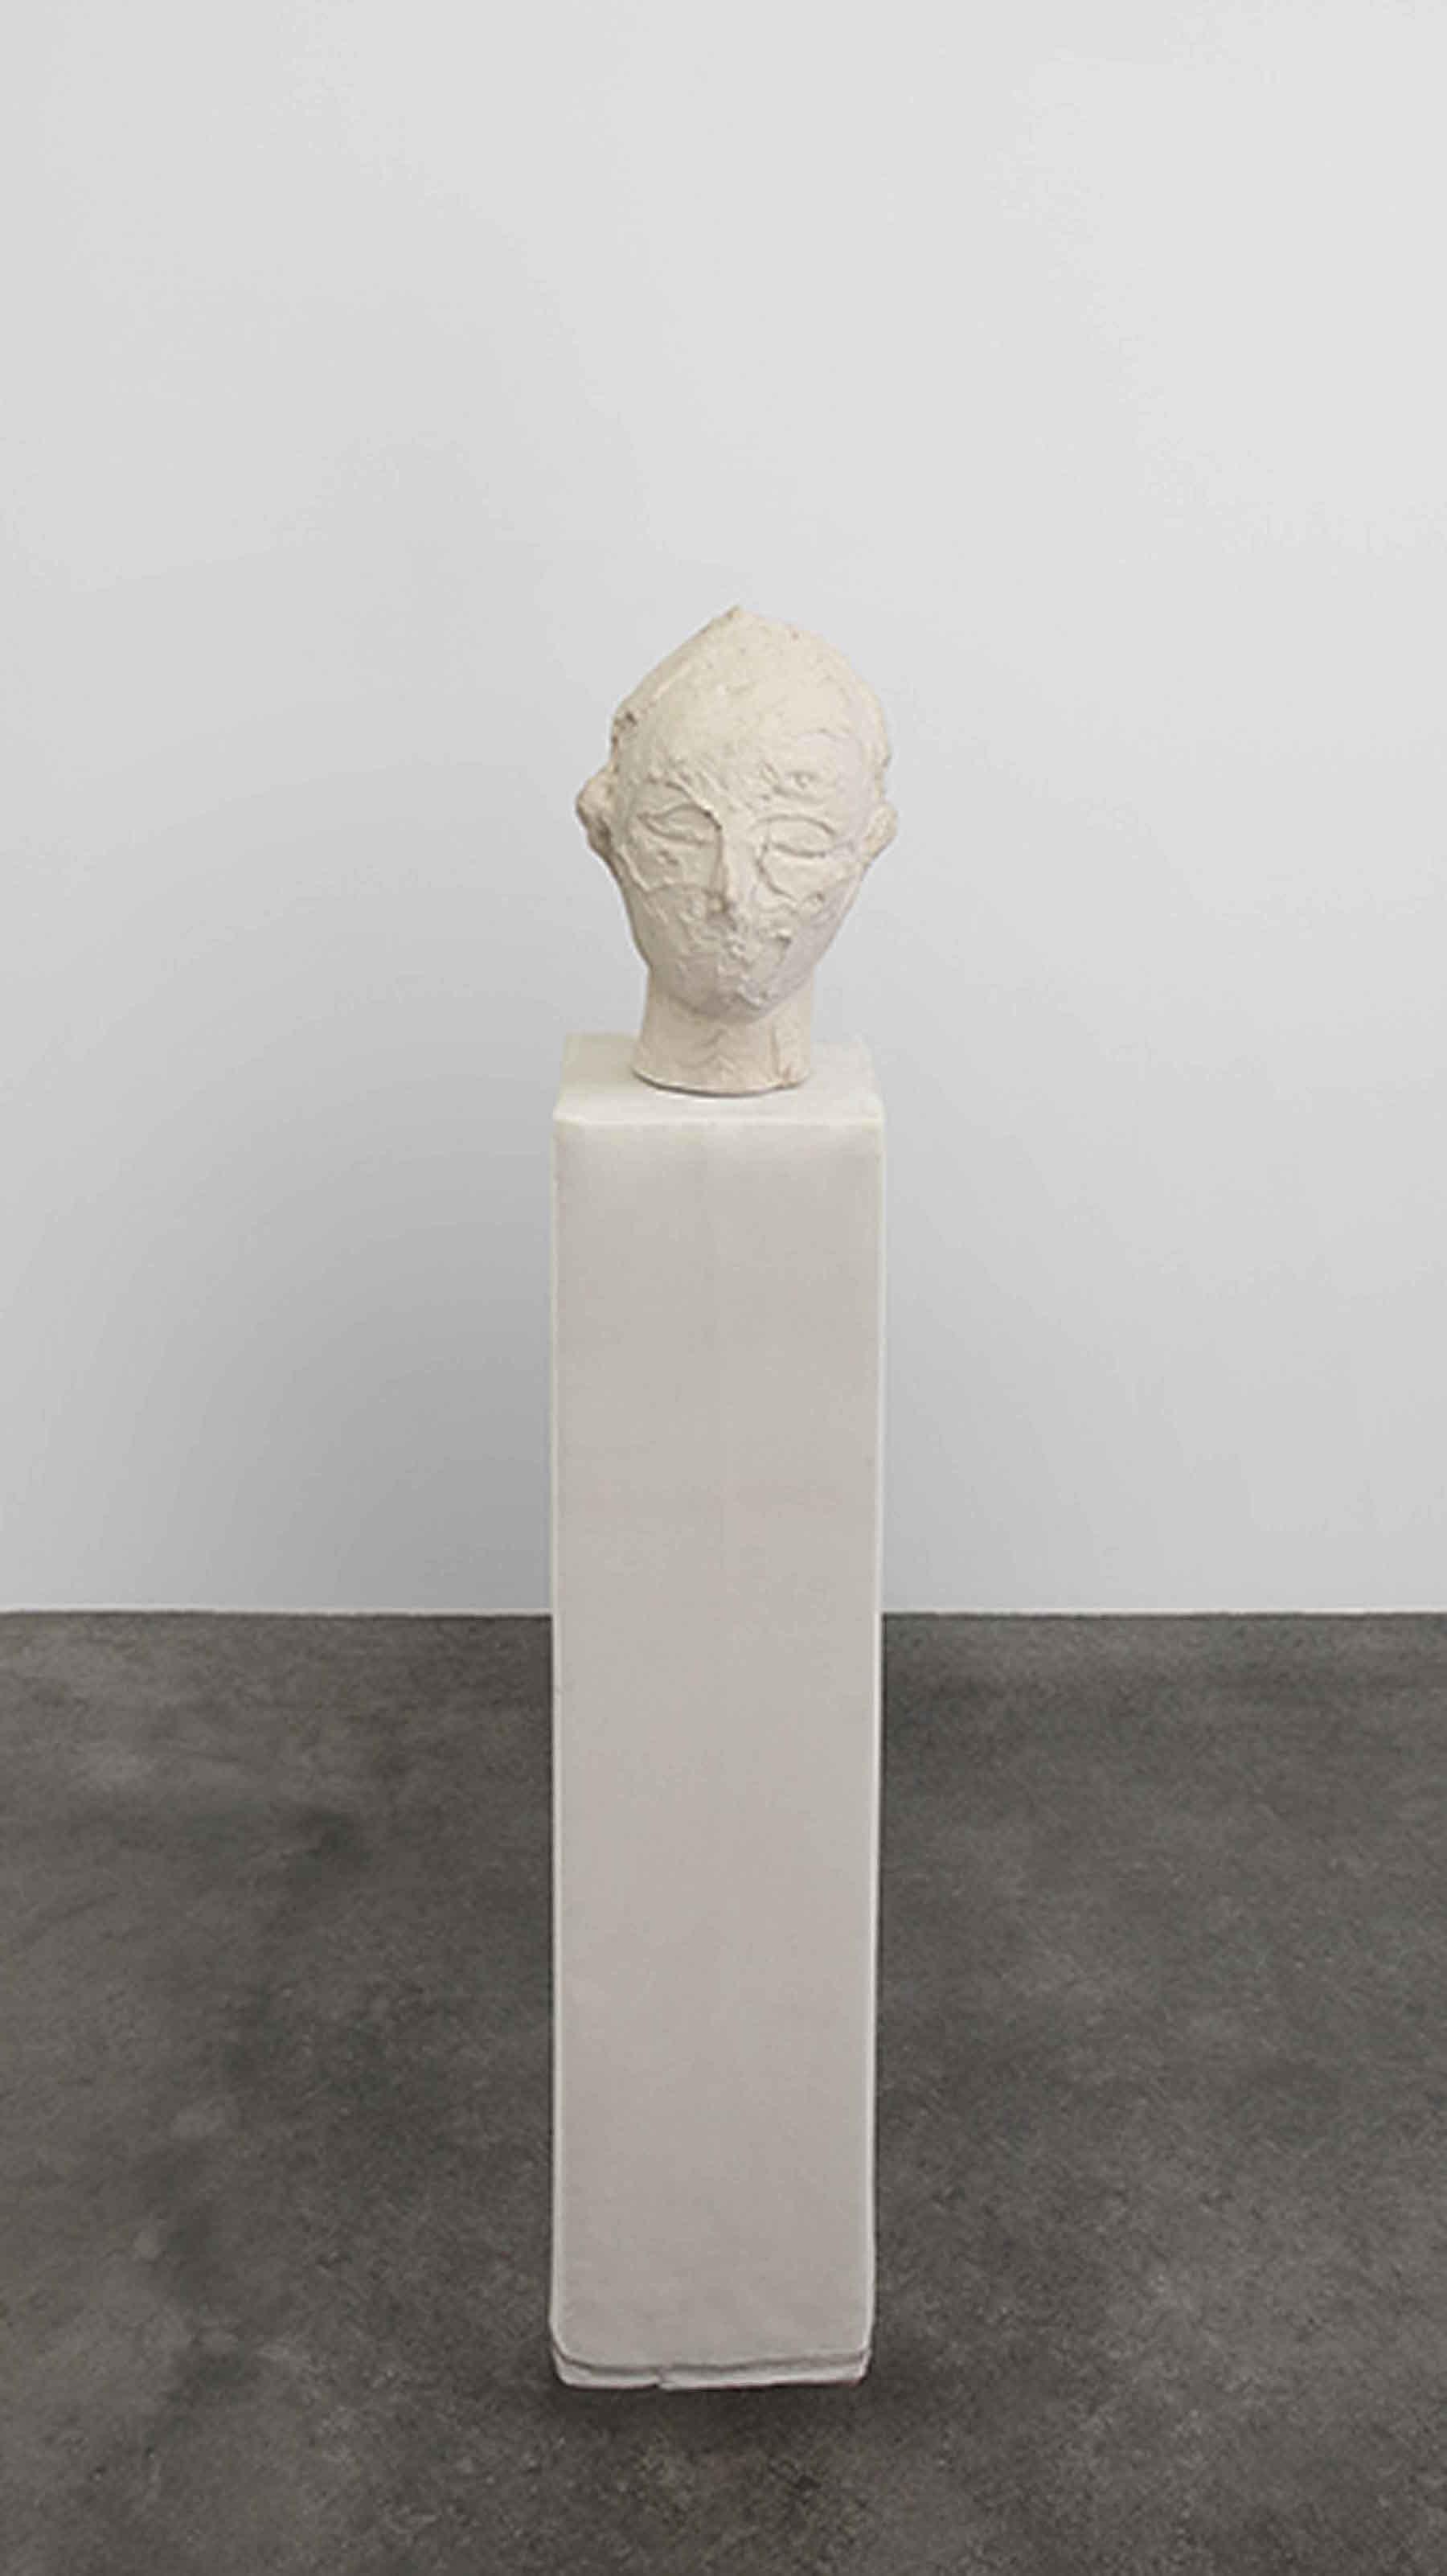 iGNANT-Art-Vanessa-Beecroft-Pio-Pico-12